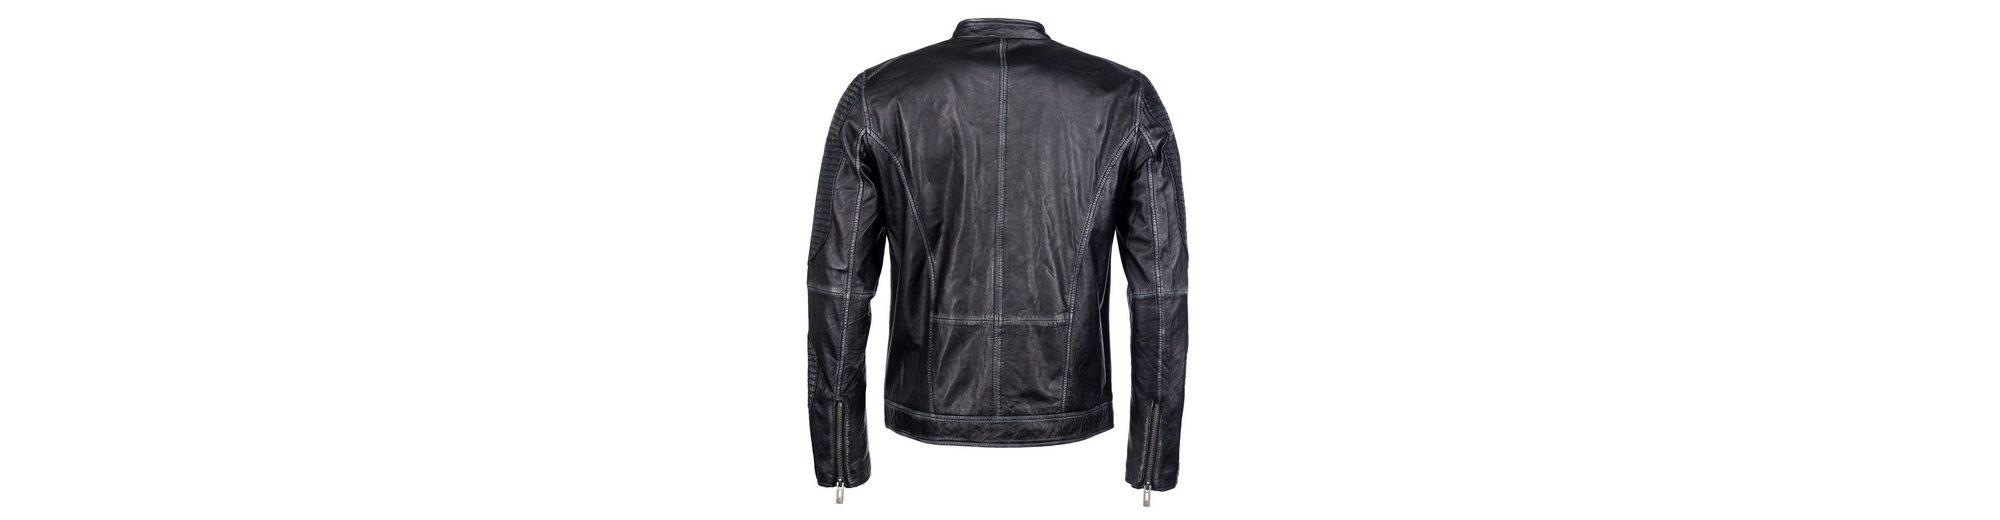 Mustang Lederjacke Corte Steckdose Neuesten Günstig Kaufen Preise Sammlungen Günstig Online 6wu4vK